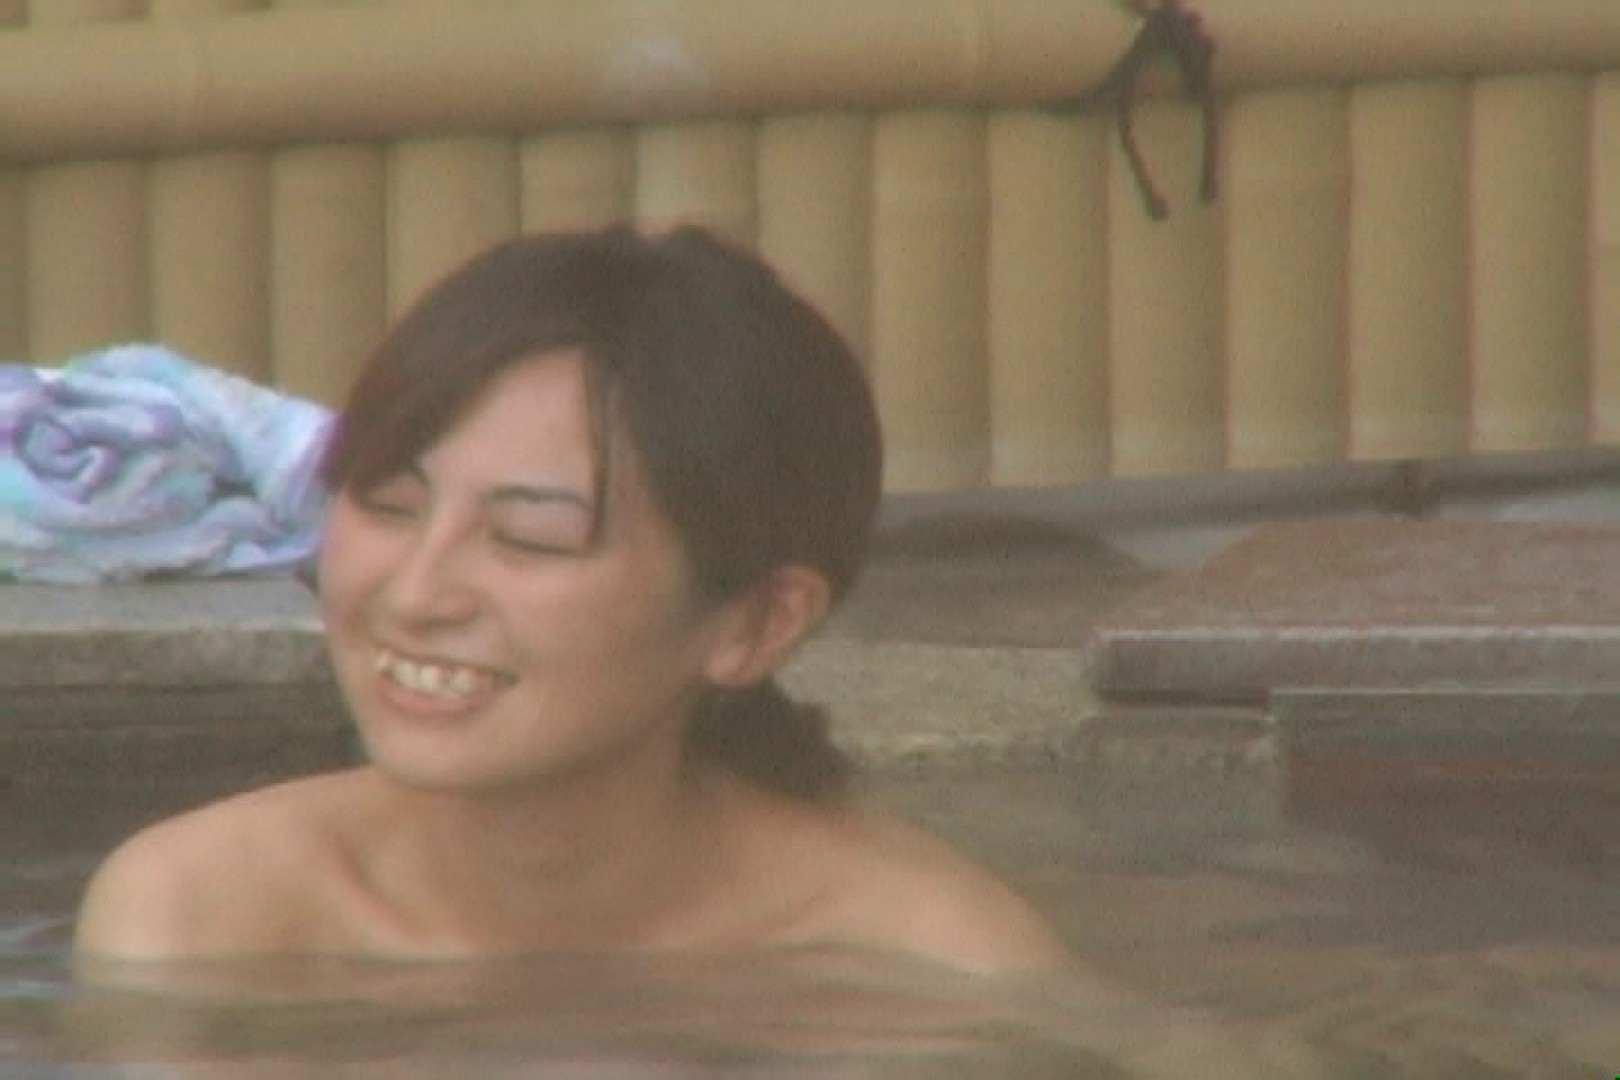 Aquaな露天風呂Vol.26【VIP】 露天 | 盗撮  59画像 31